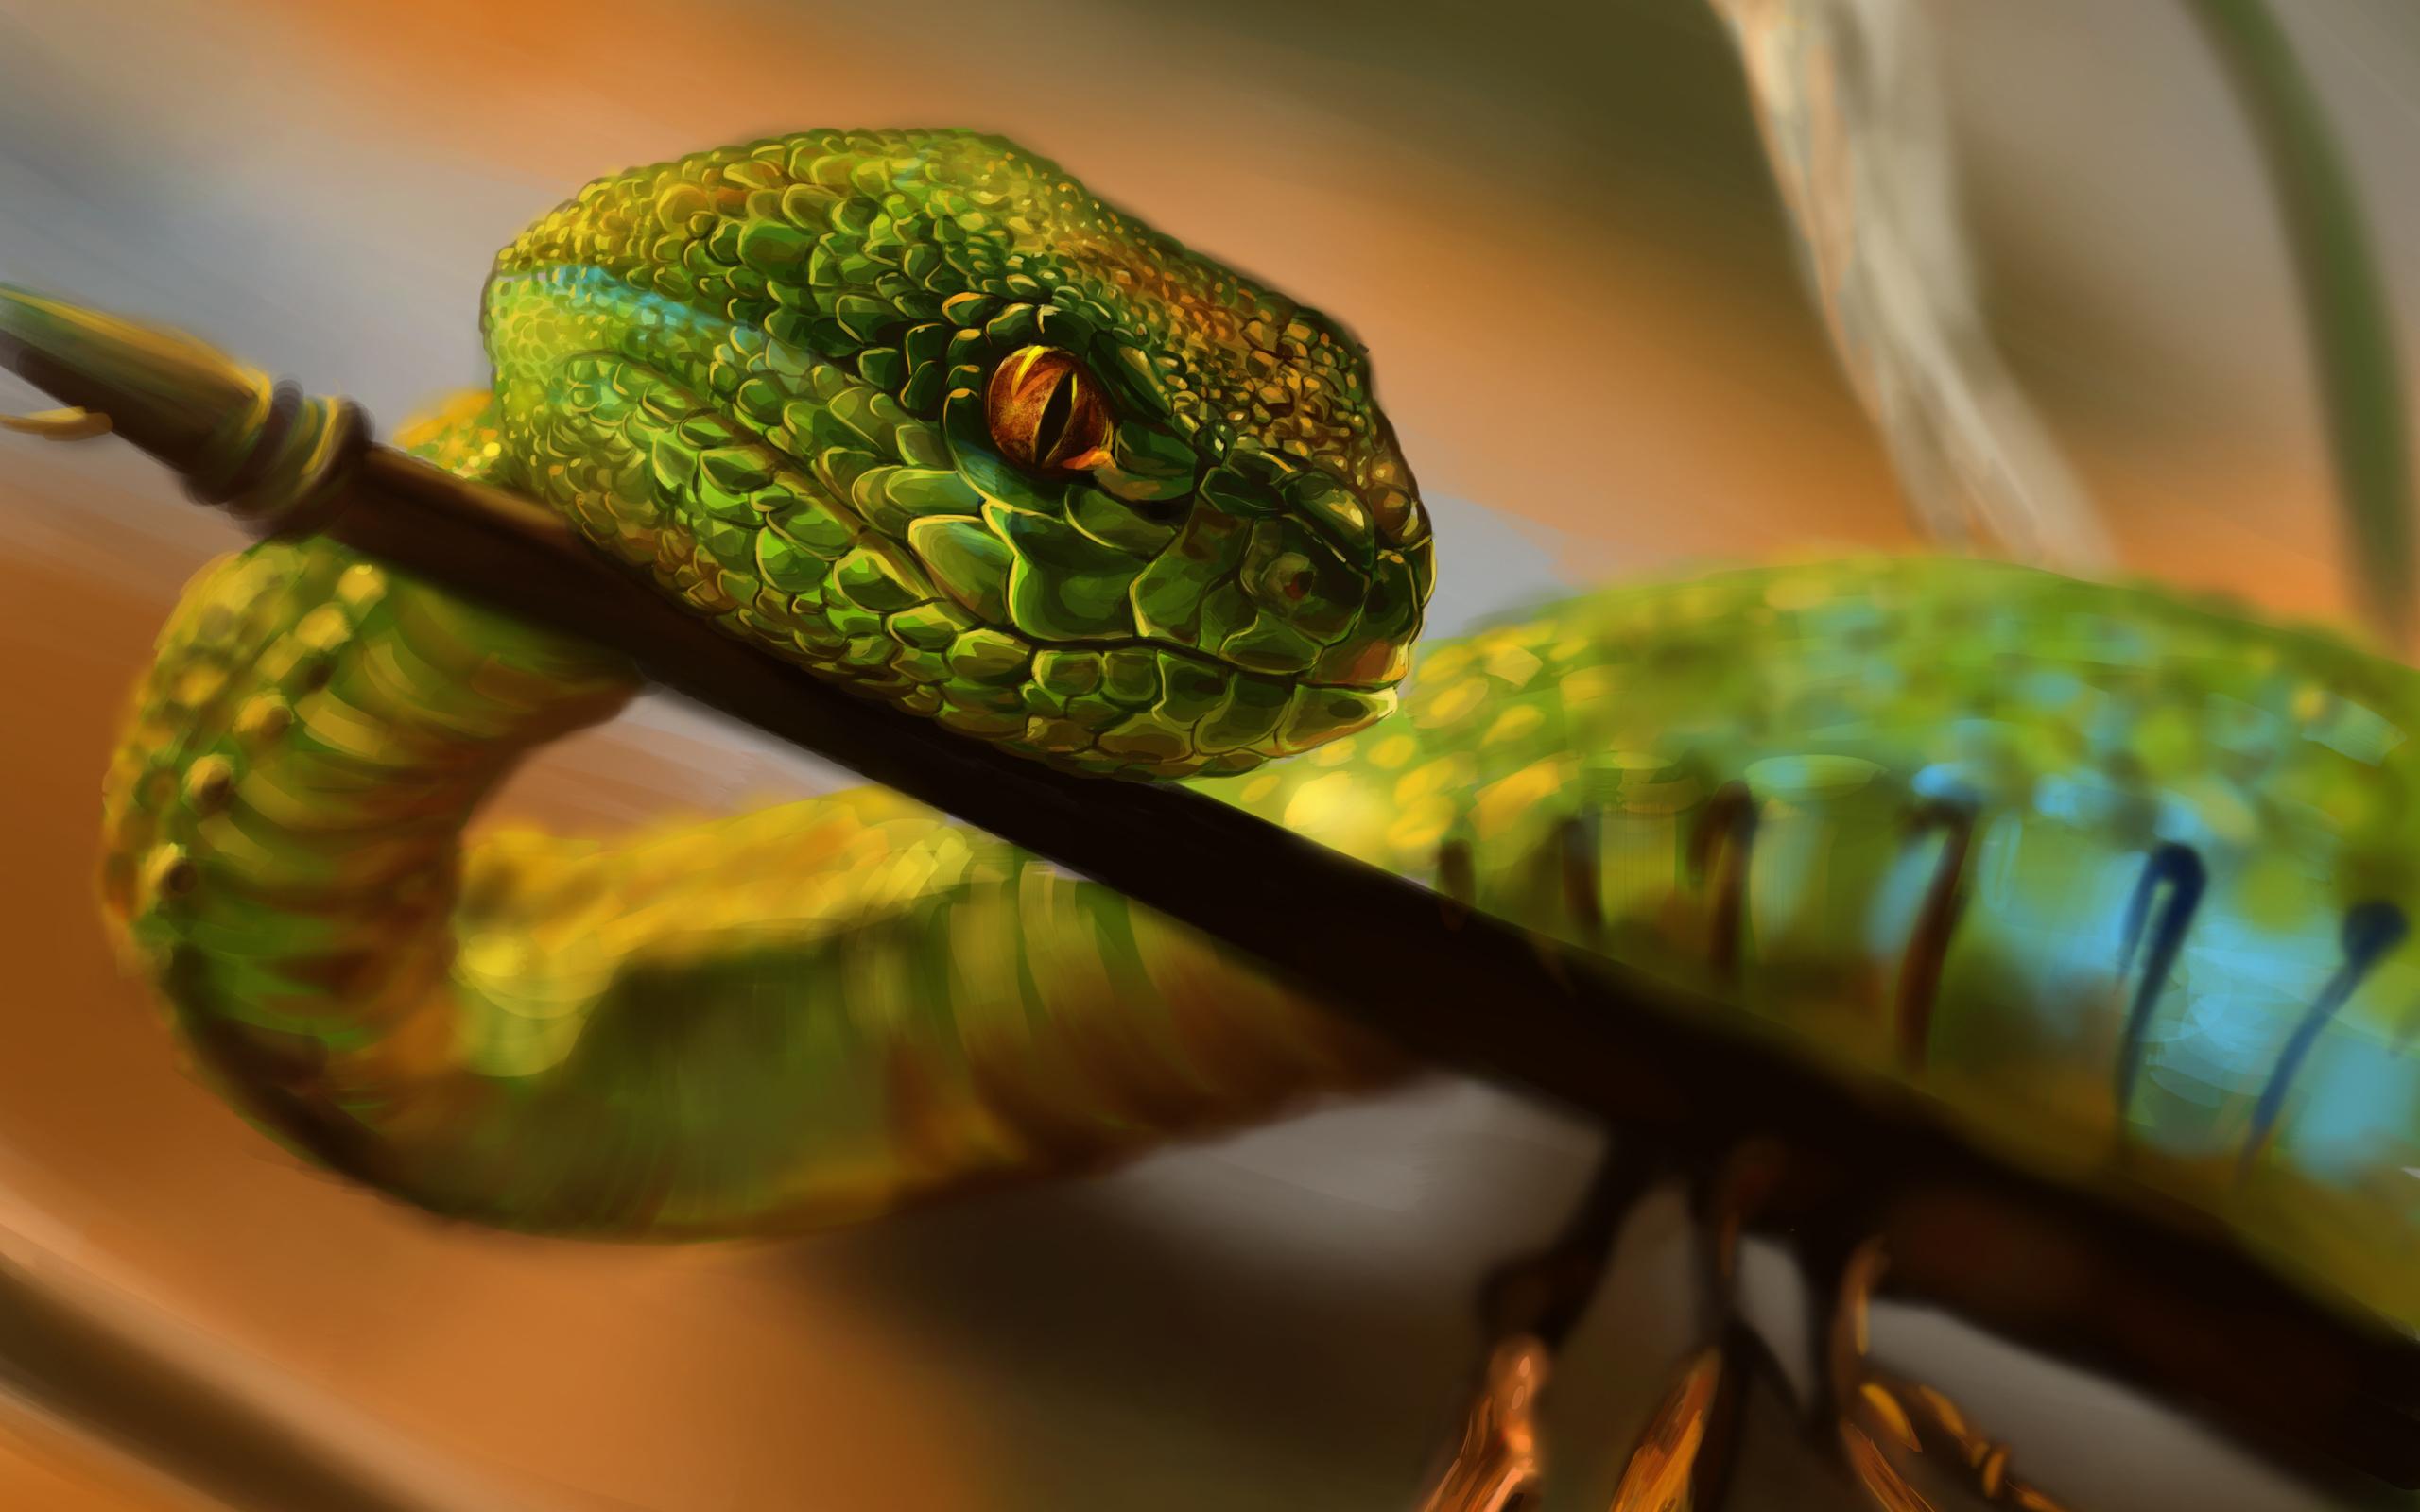 тот, что крутые картинки змей что могут лишить